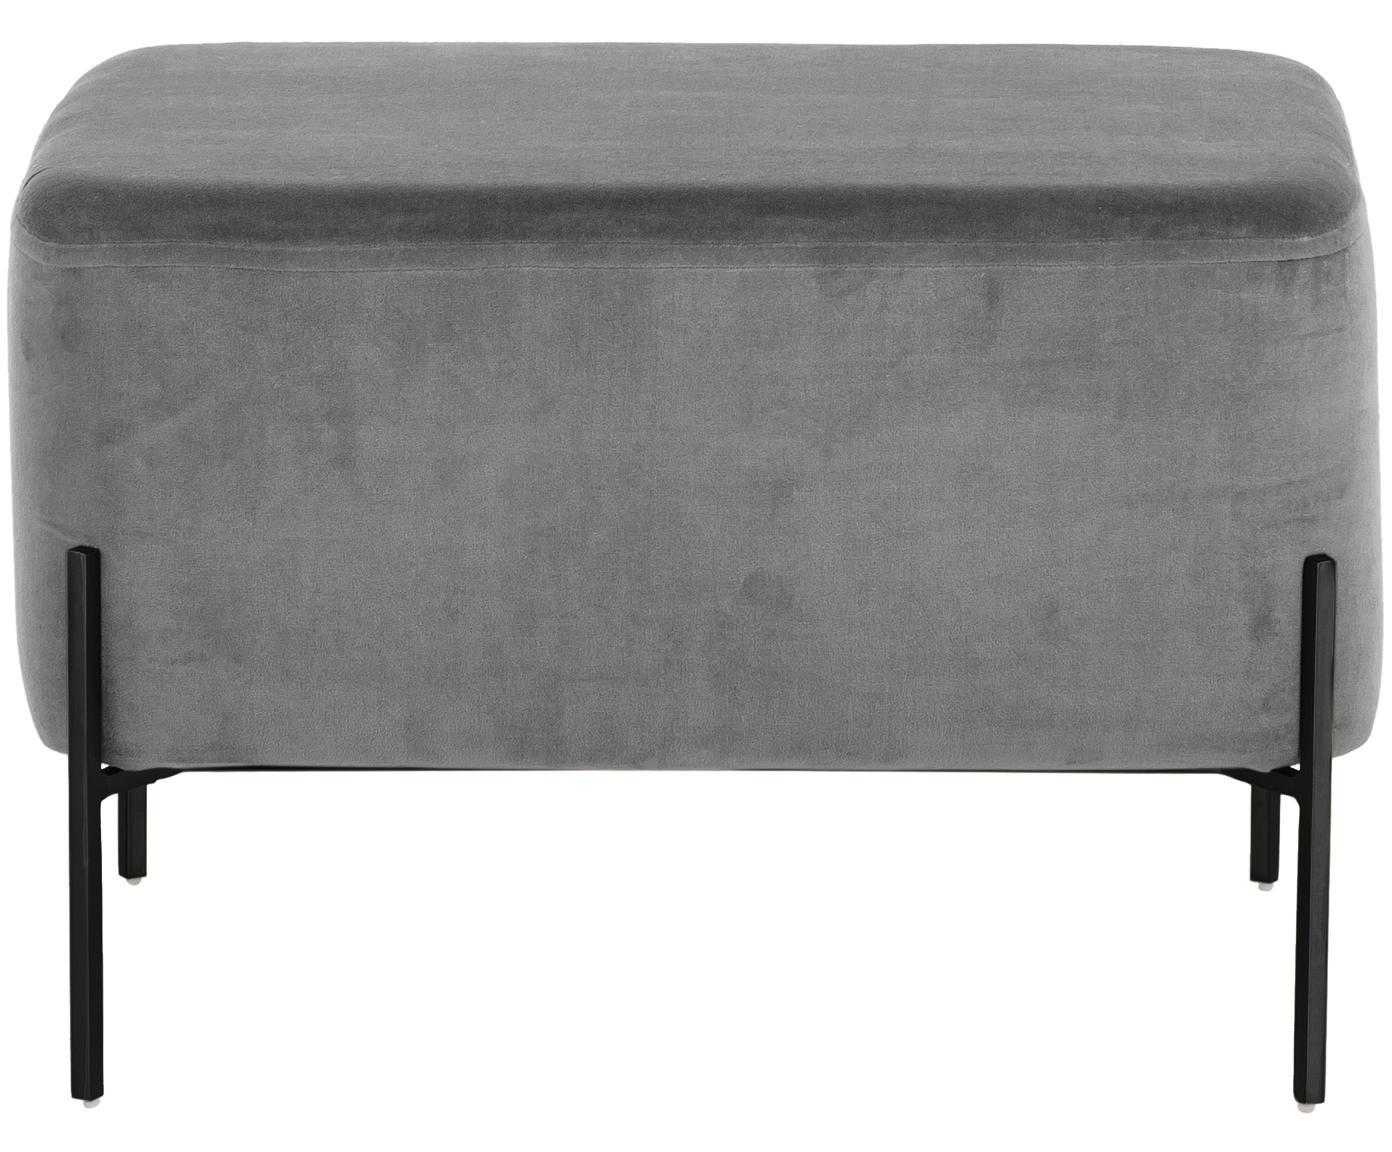 XL Samt-Hocker Harper, Bezug: Baumwollsamt, Grau, Schwarz, 64 x 44 cm